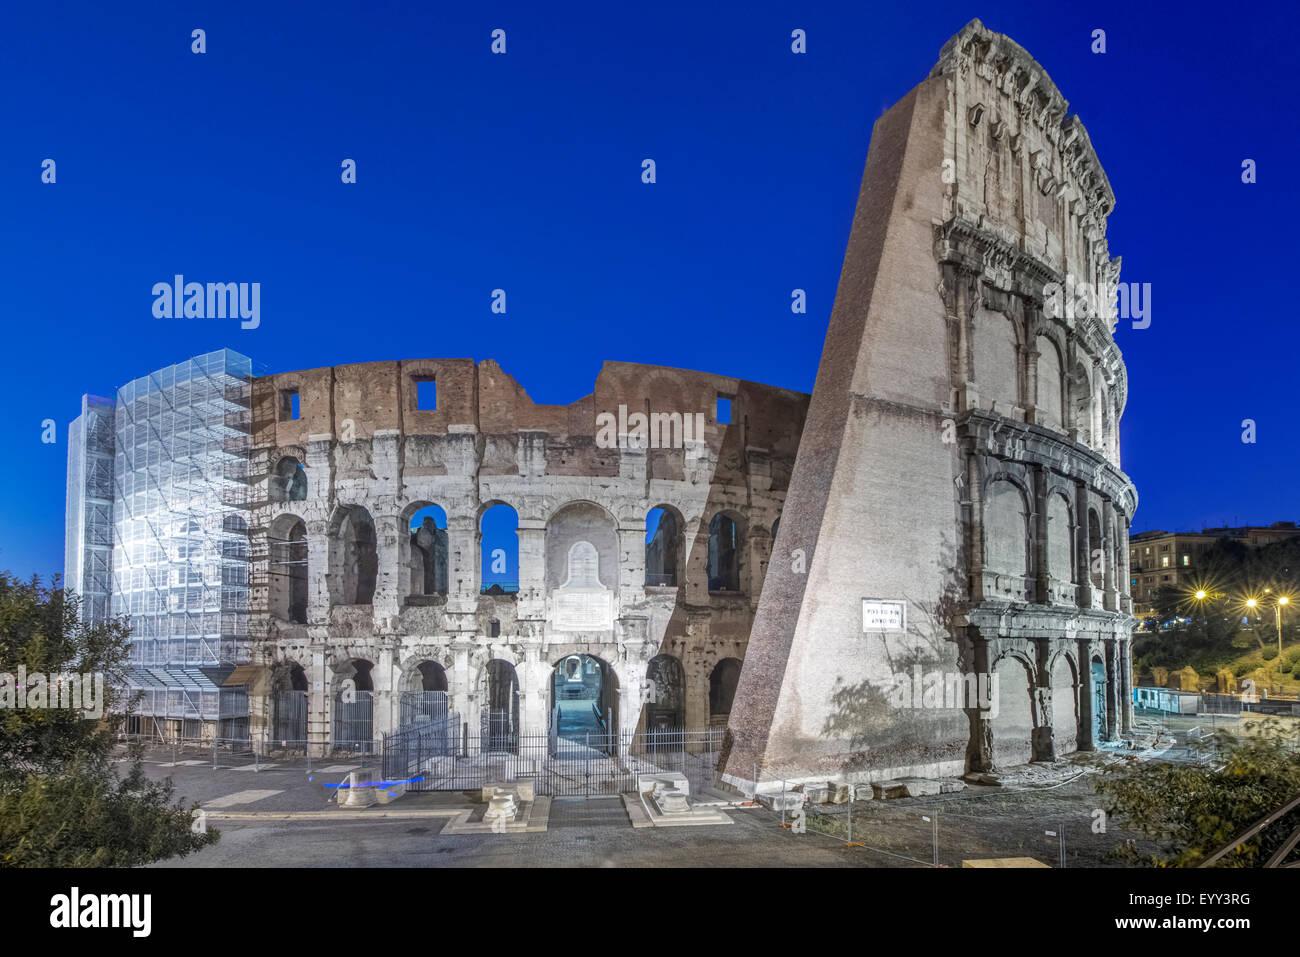 Colosseo rovine illuminata di notte, Roma, Italia Immagini Stock